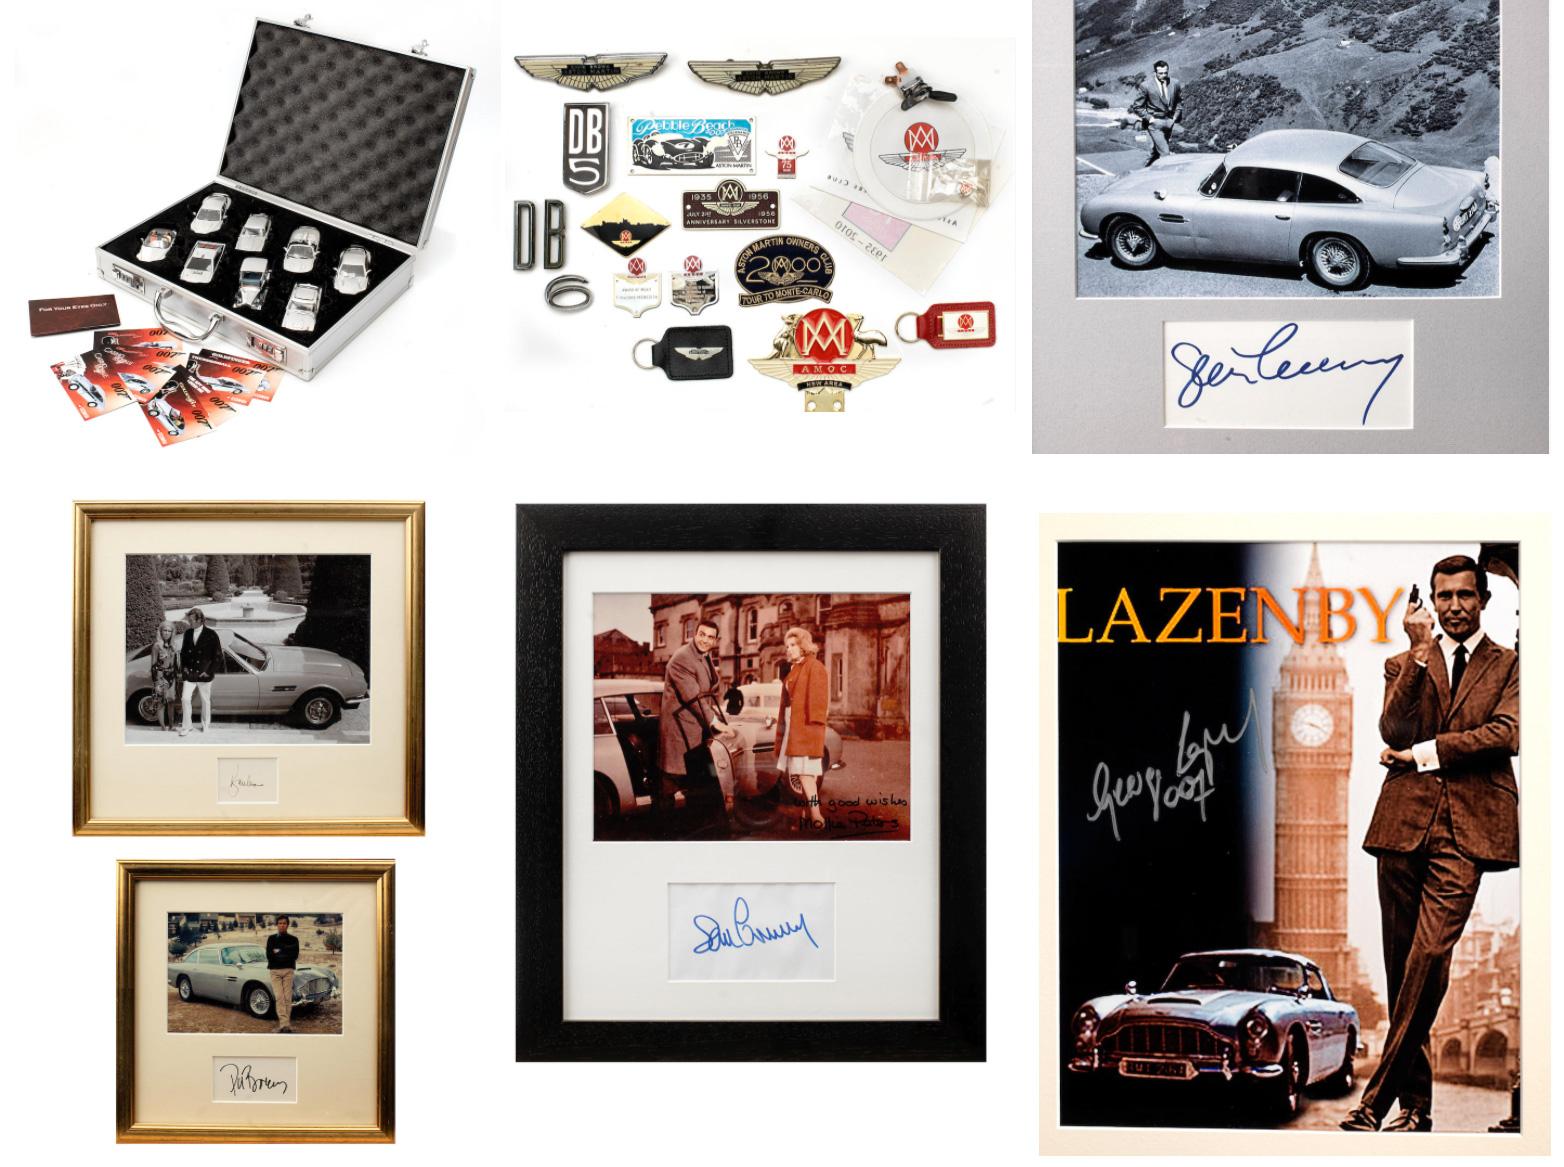 Aston Martin Bonhams toys signed photos